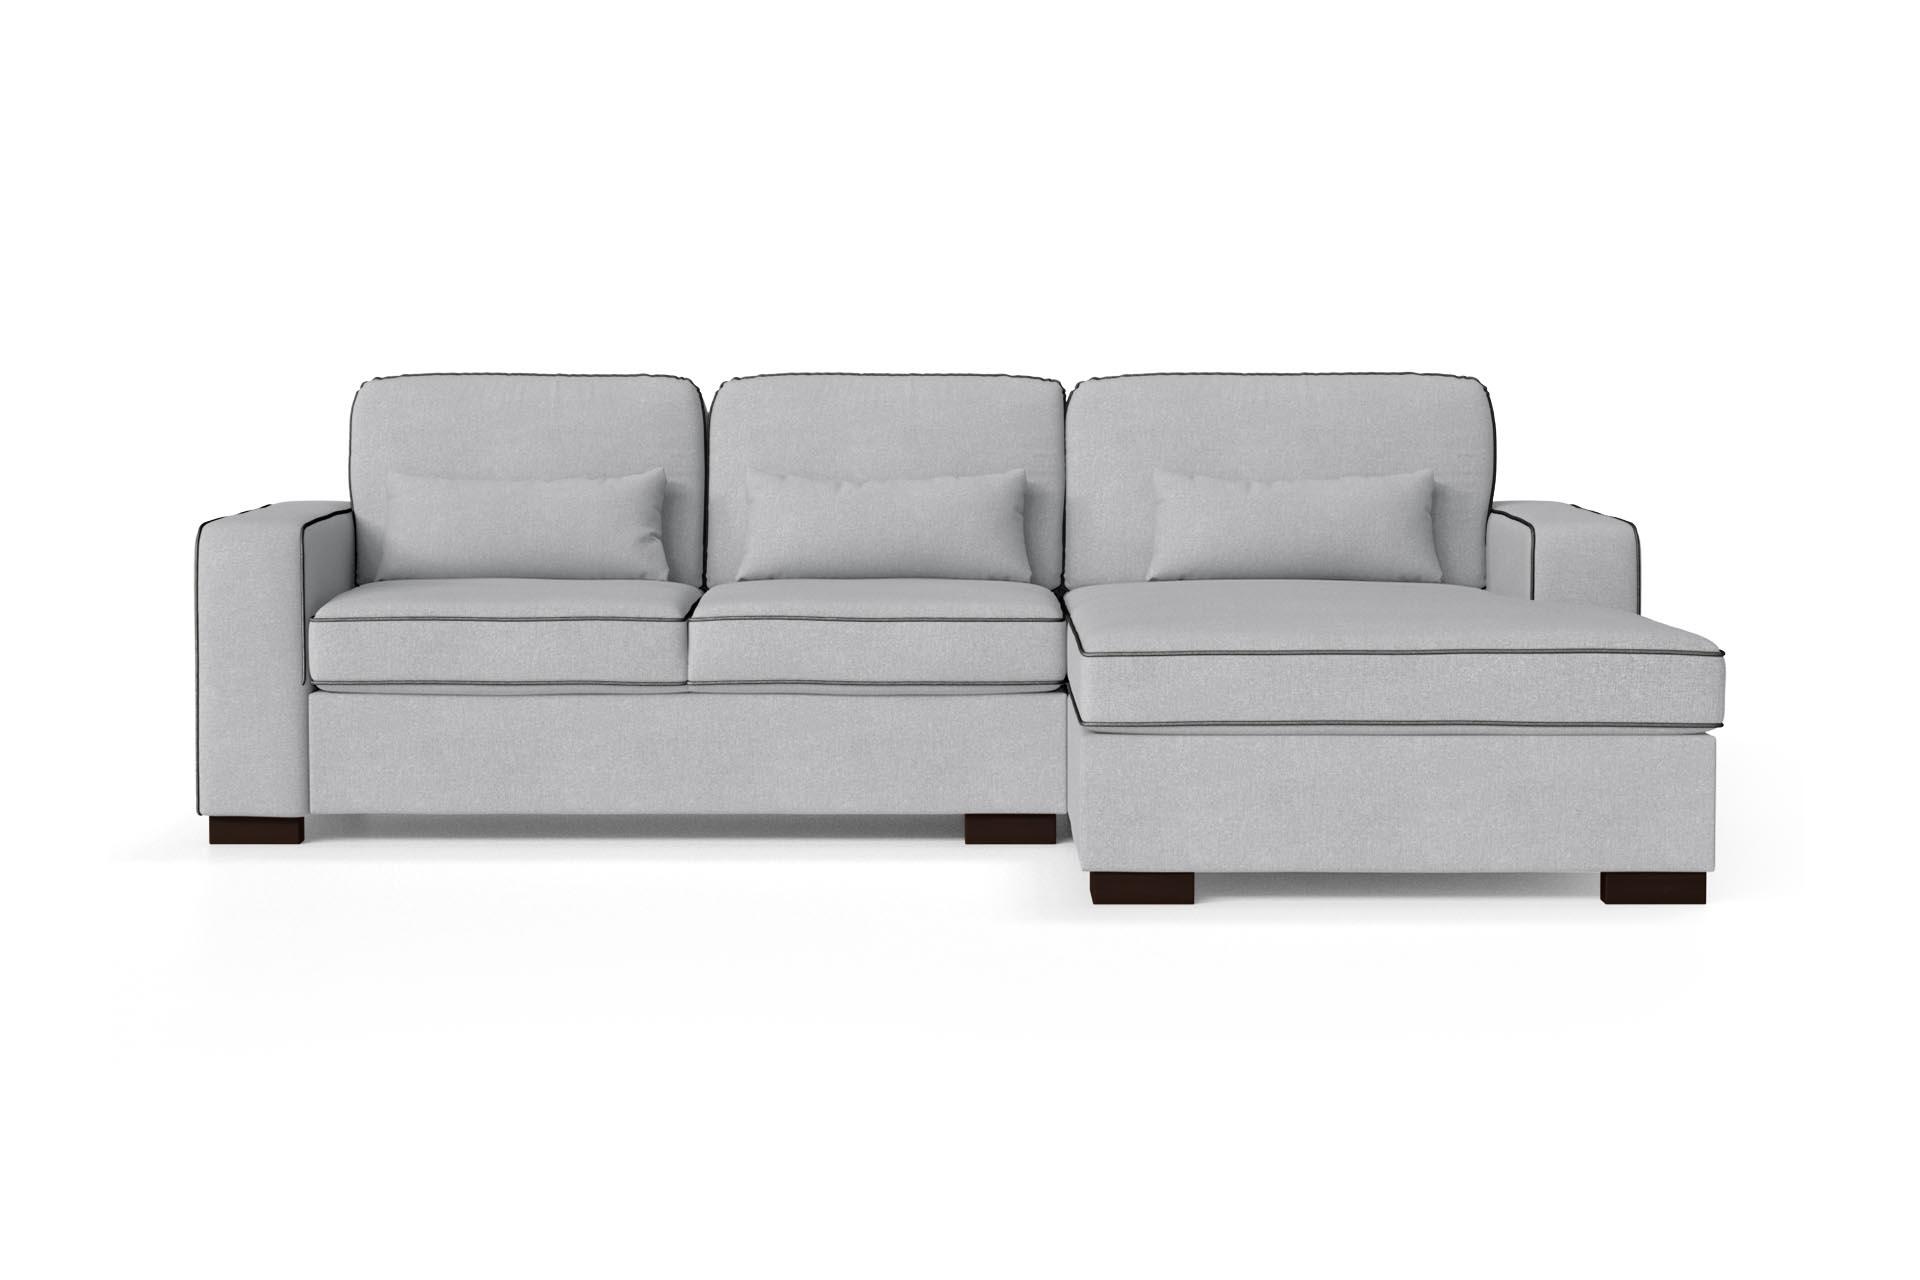 Canapé d'angle droit 4 places toucher coton gris clair/anthracite